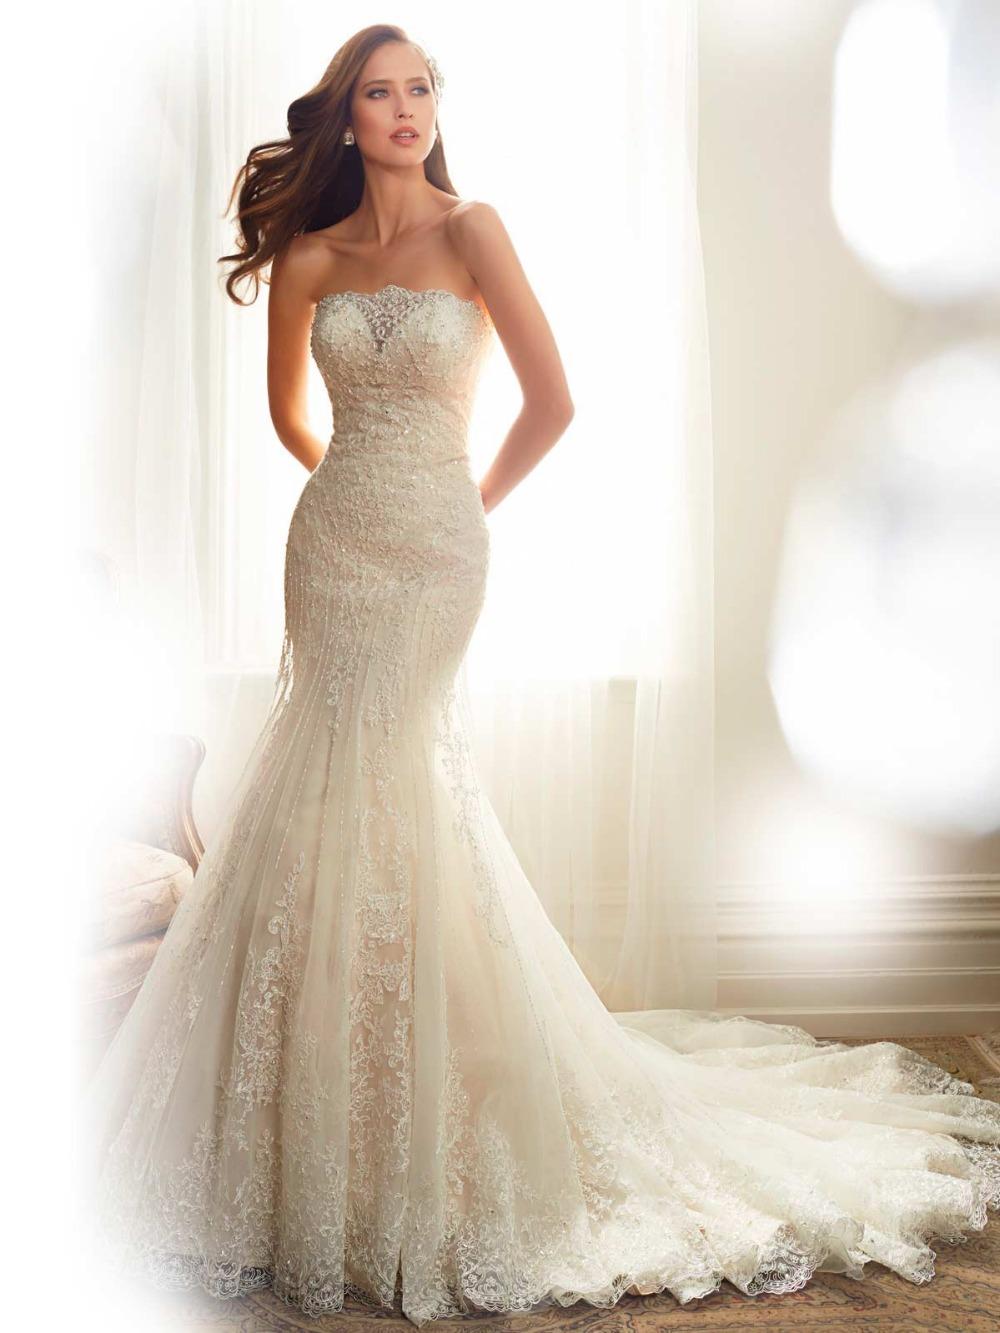 amazing brands of wedding dresses wedding dress designer names ocodea name brand wedding dresses Brilliant Brands Of Wedding Dresses Wedding Dresses Brands Ocodea